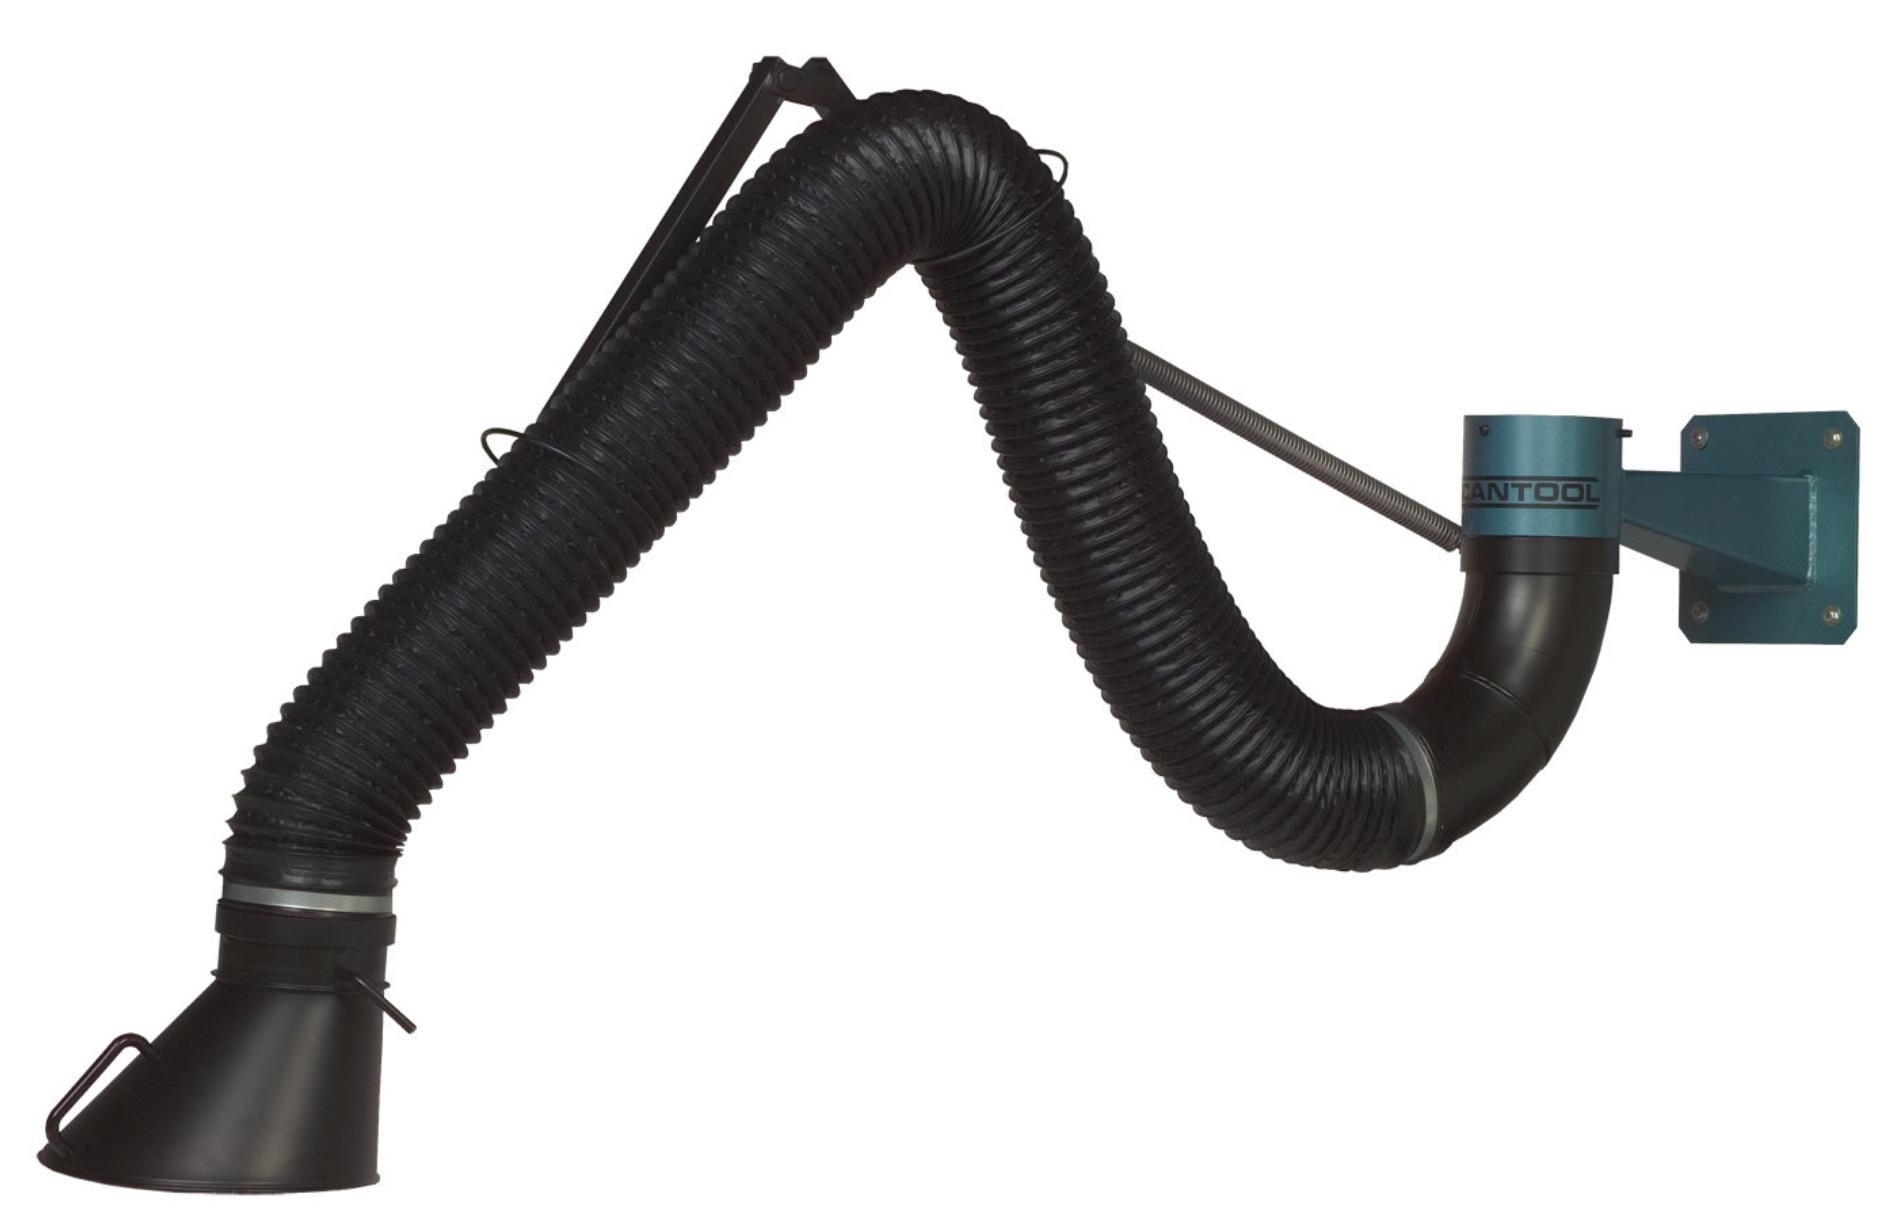 Ścienny odciąg dymów i pyłów Scantool Model RS